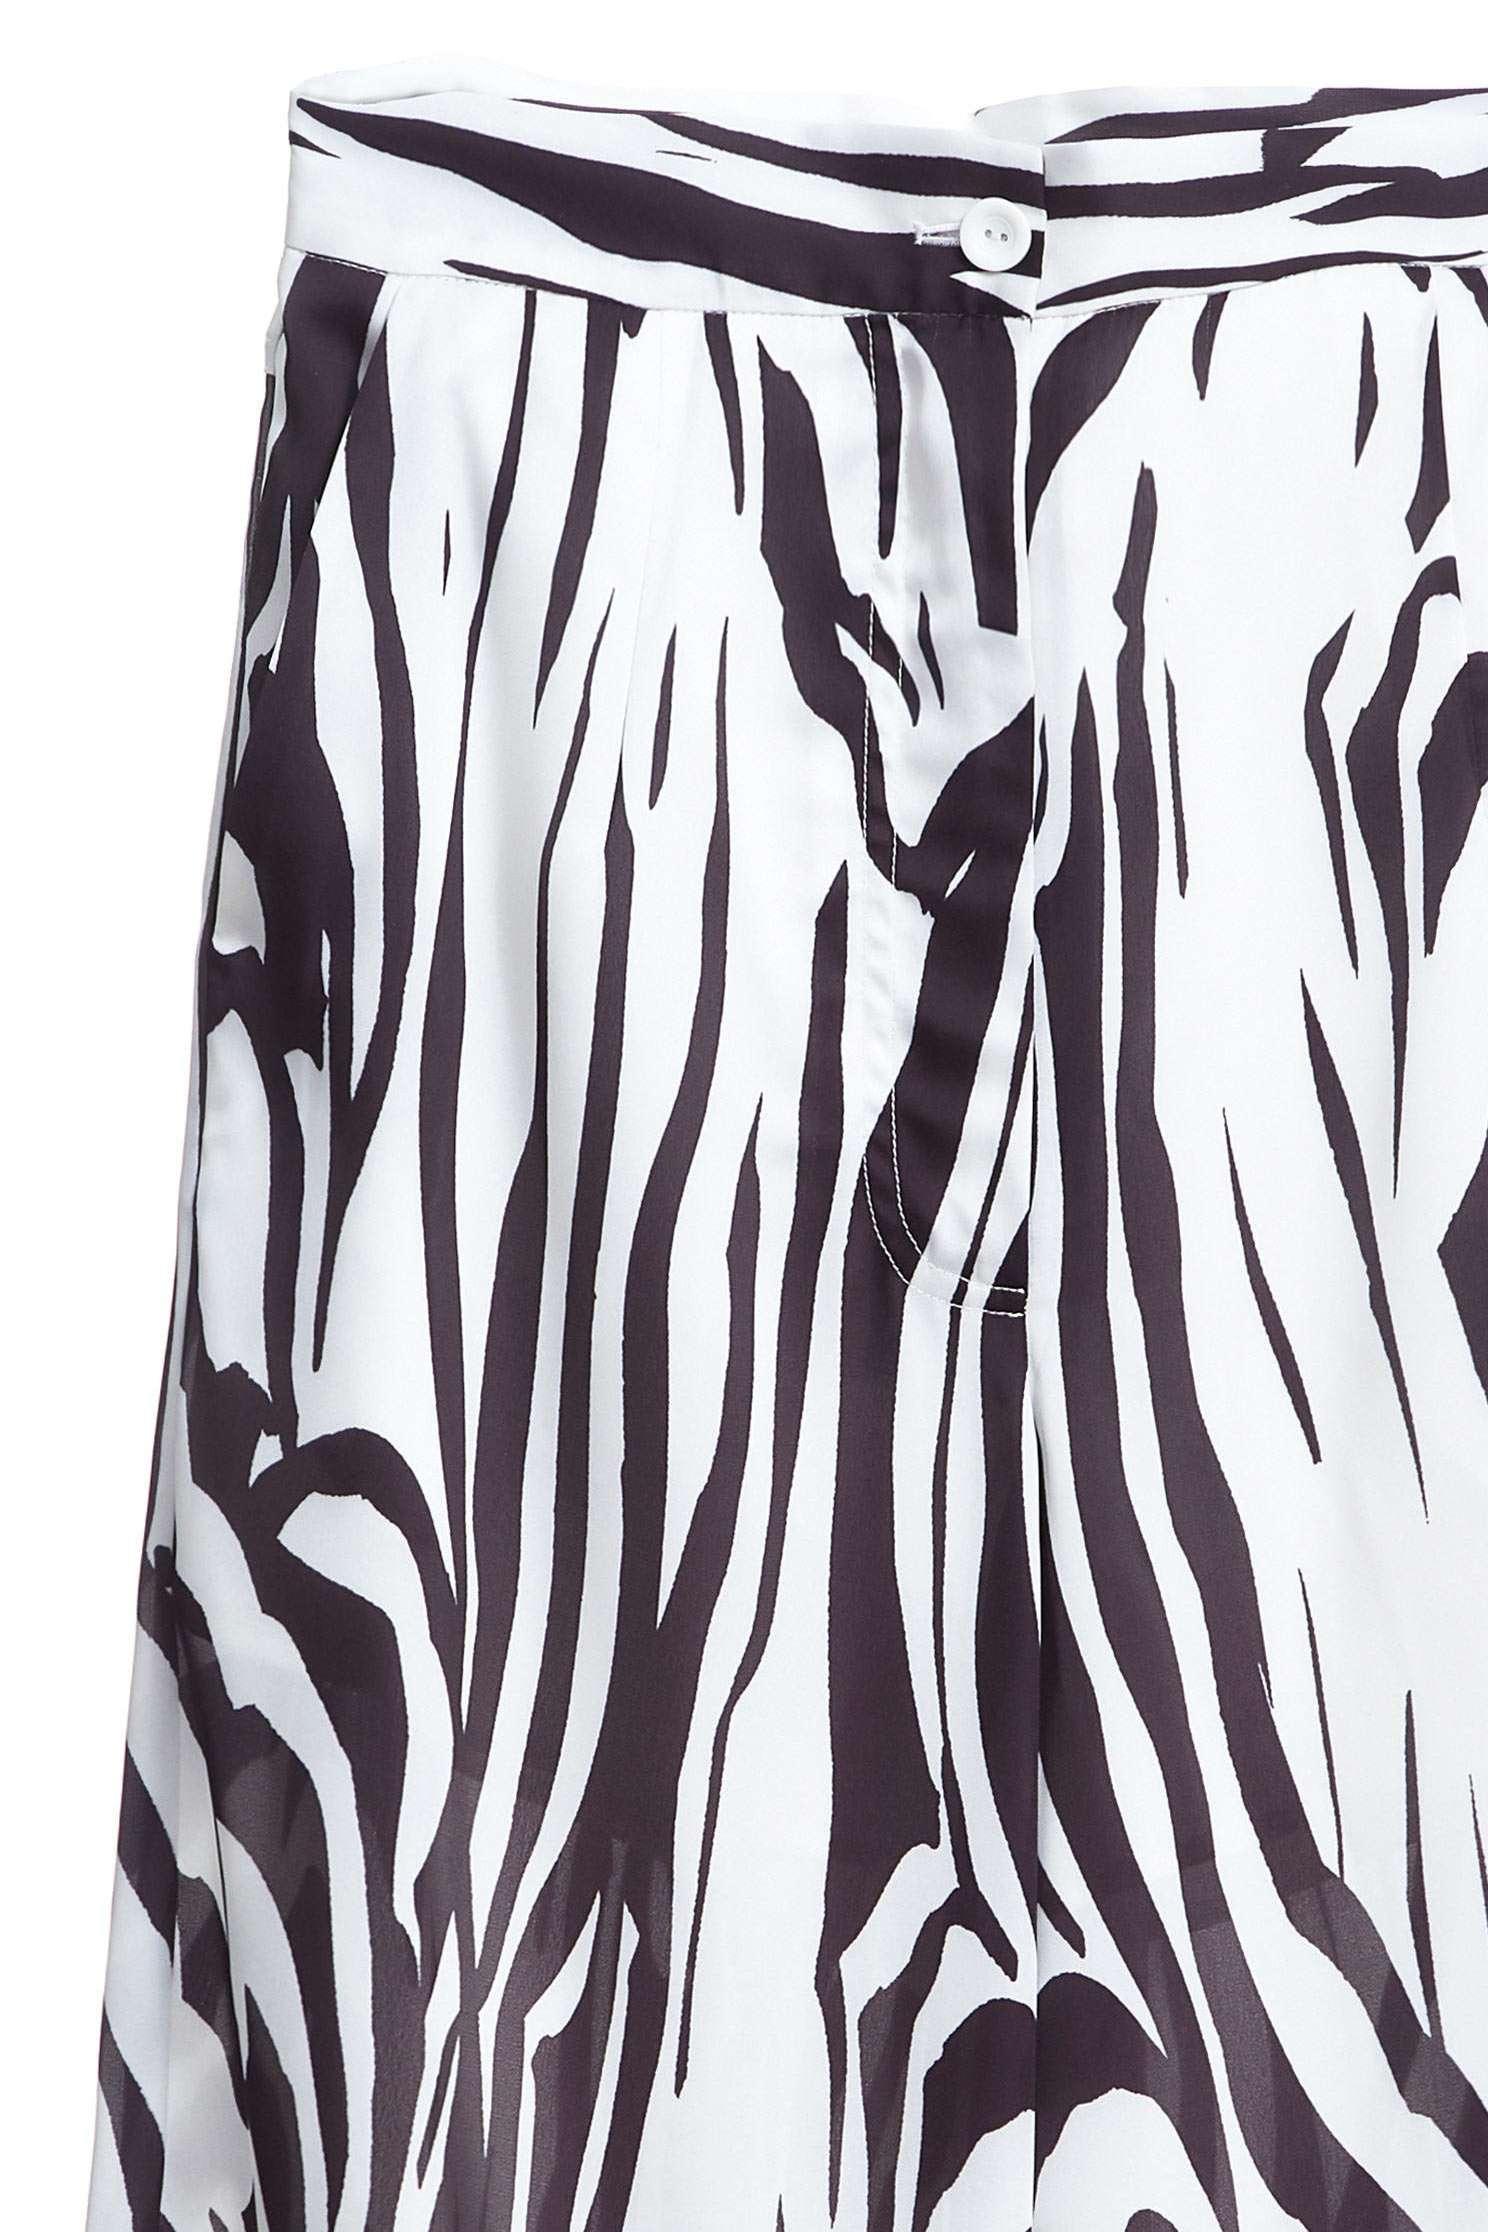 Zebra pattern culottes,culottespants,pants,pants,wasthin